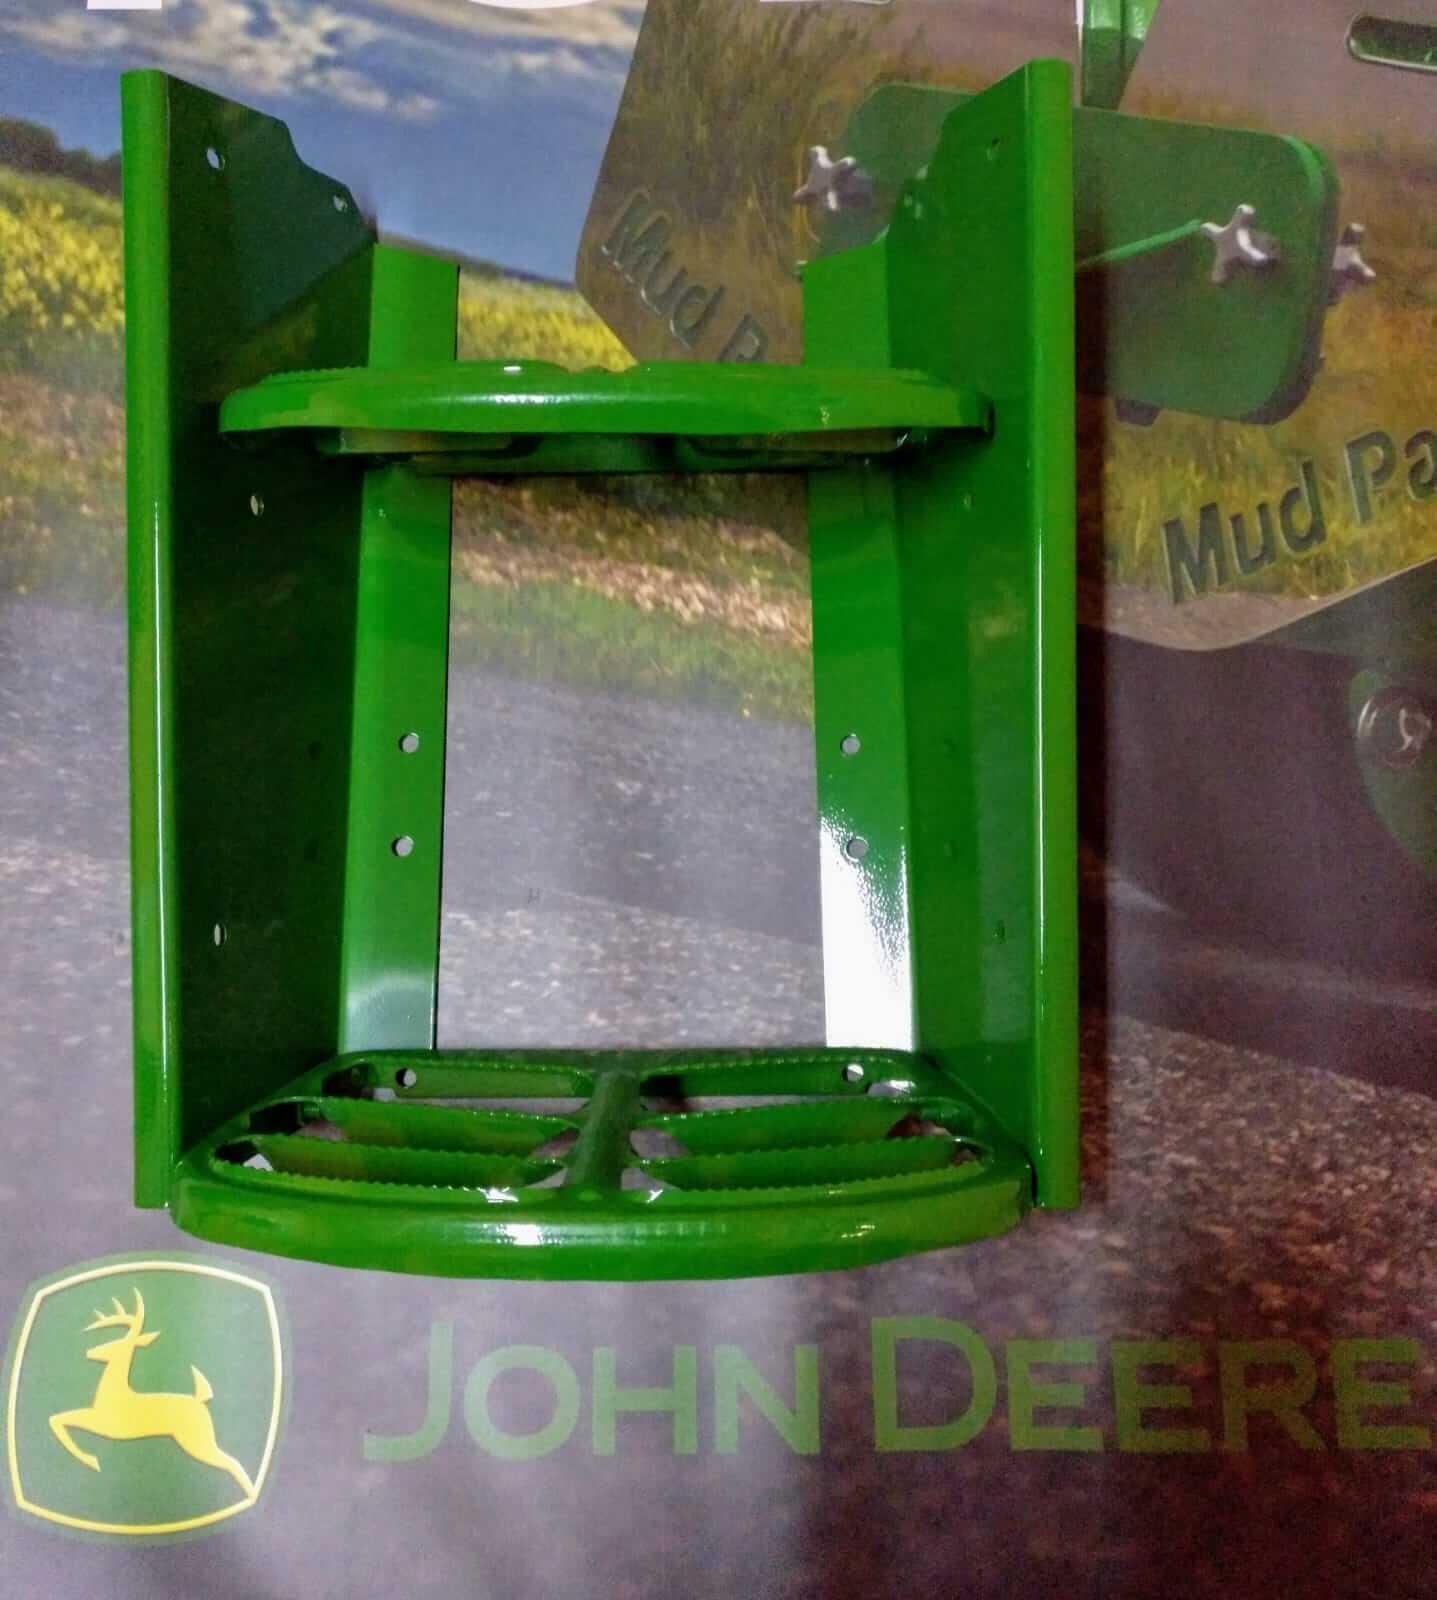 Escalera John Deere